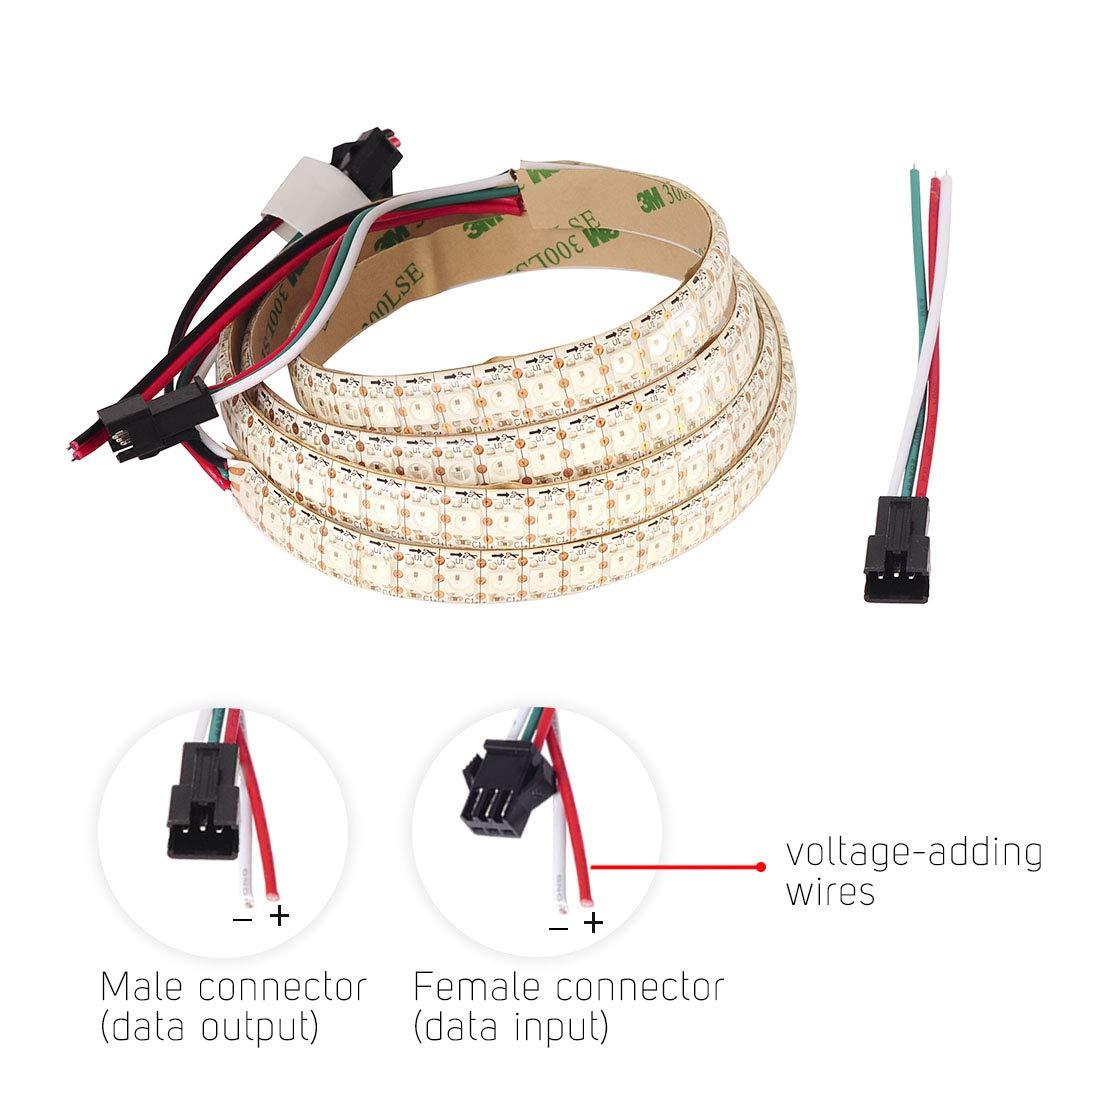 BTF-LIGHTING WS2812B 1m 144leds flexible individuellement adressable bande couleur r/êve non-/étanche DC5V